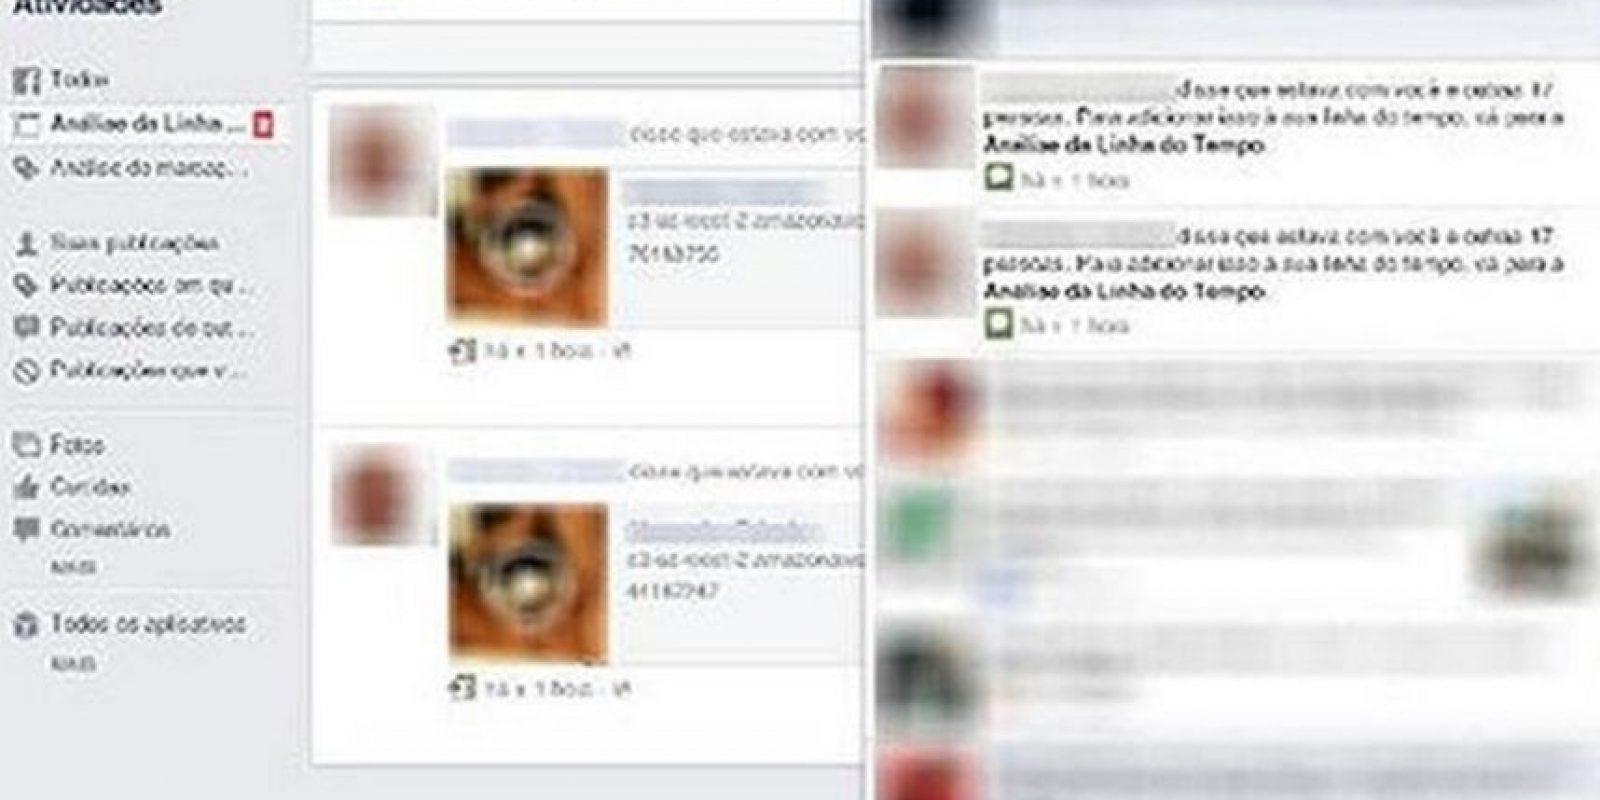 Se publica sin autorización en el muro de algún usuario de Facebook y etiqueta hasta a 20 contactos. Foto:Twitter